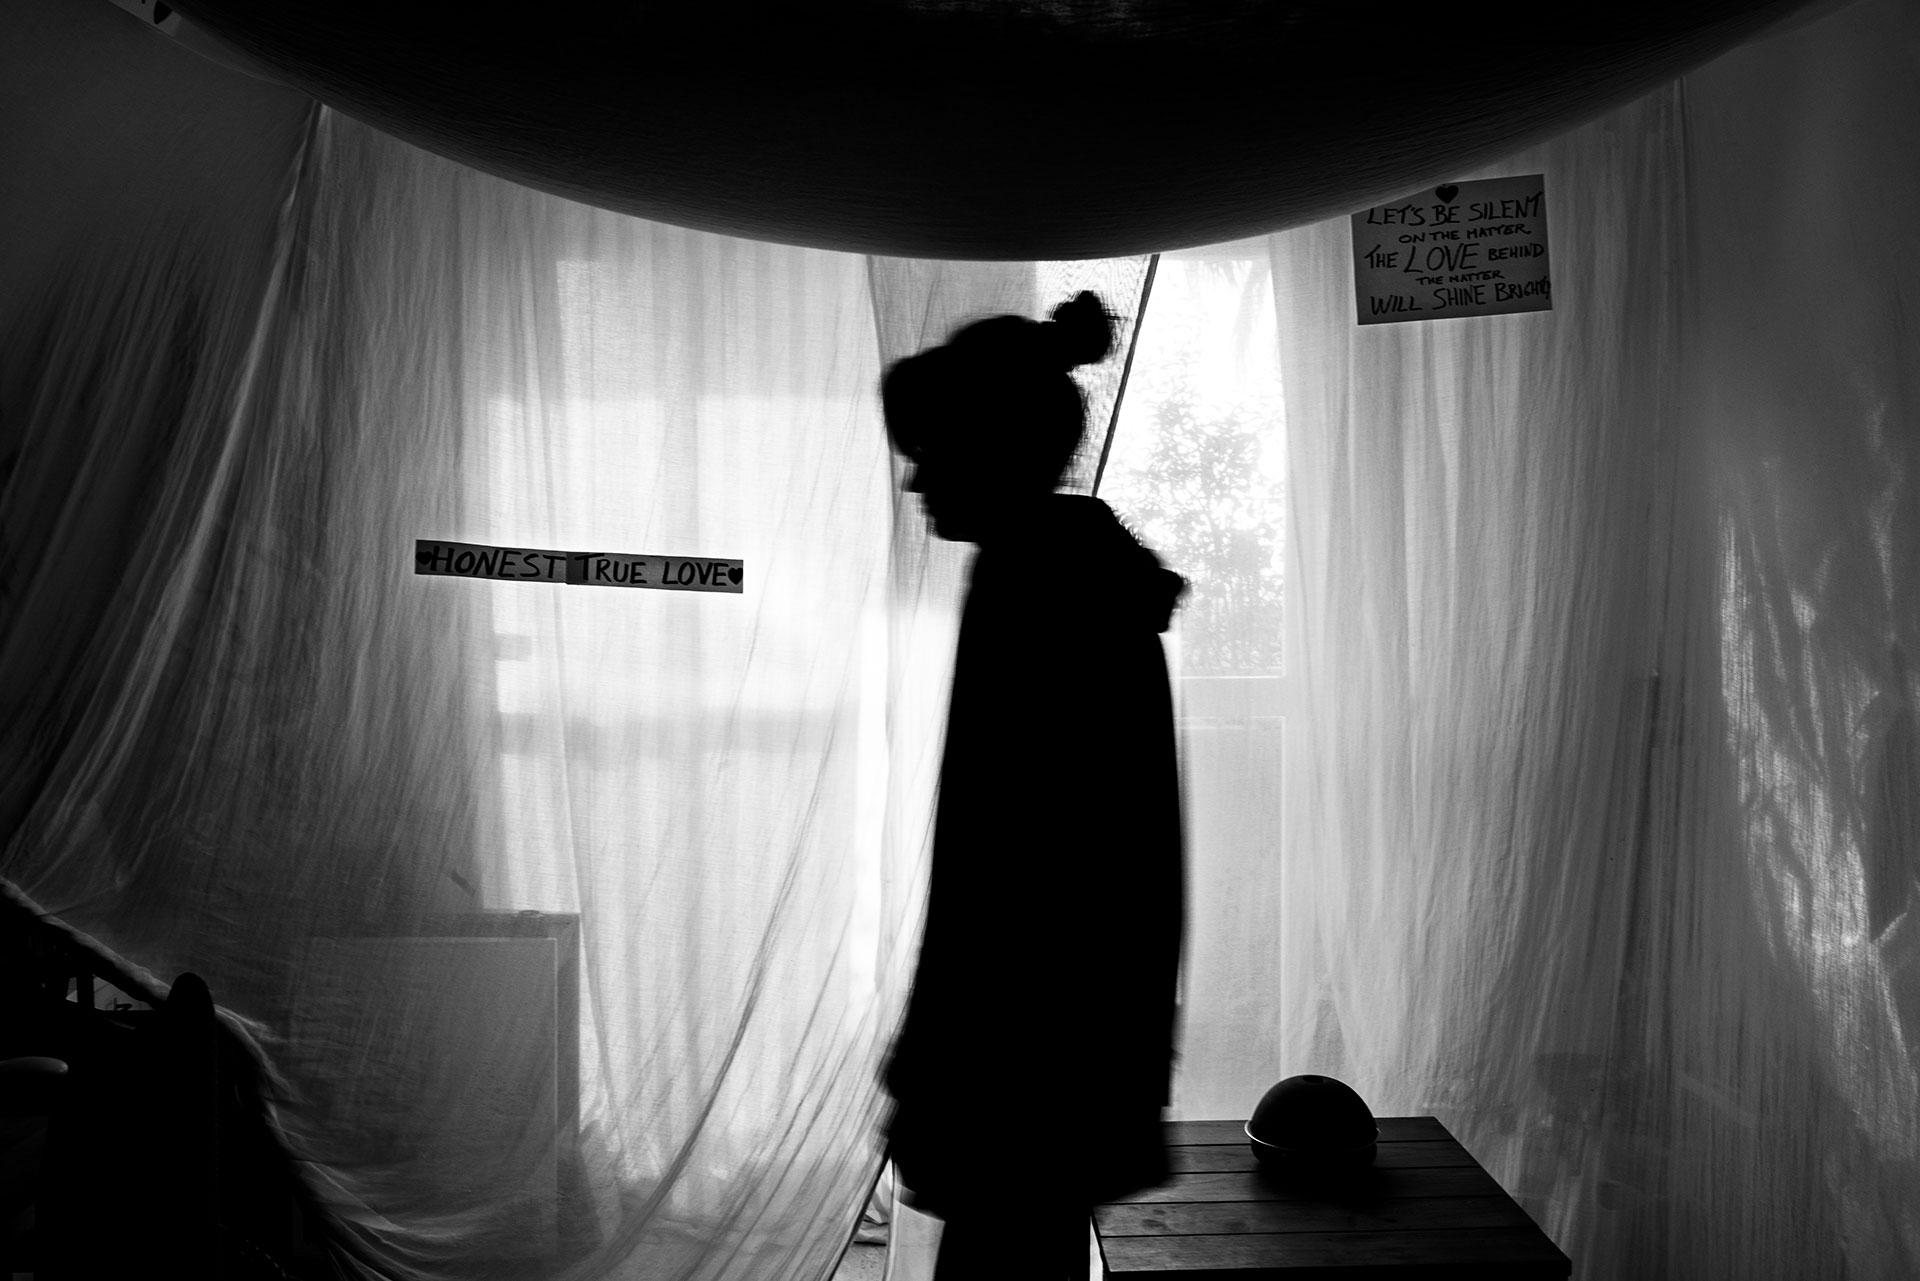 Muchas de las personas afectadas permanecen solas y encerradas en sus propios hogares. No pueden trabajar, hacer la compra, ni recibir visitas a menos que hayan seguido un estricto protocolo de descontaminación.